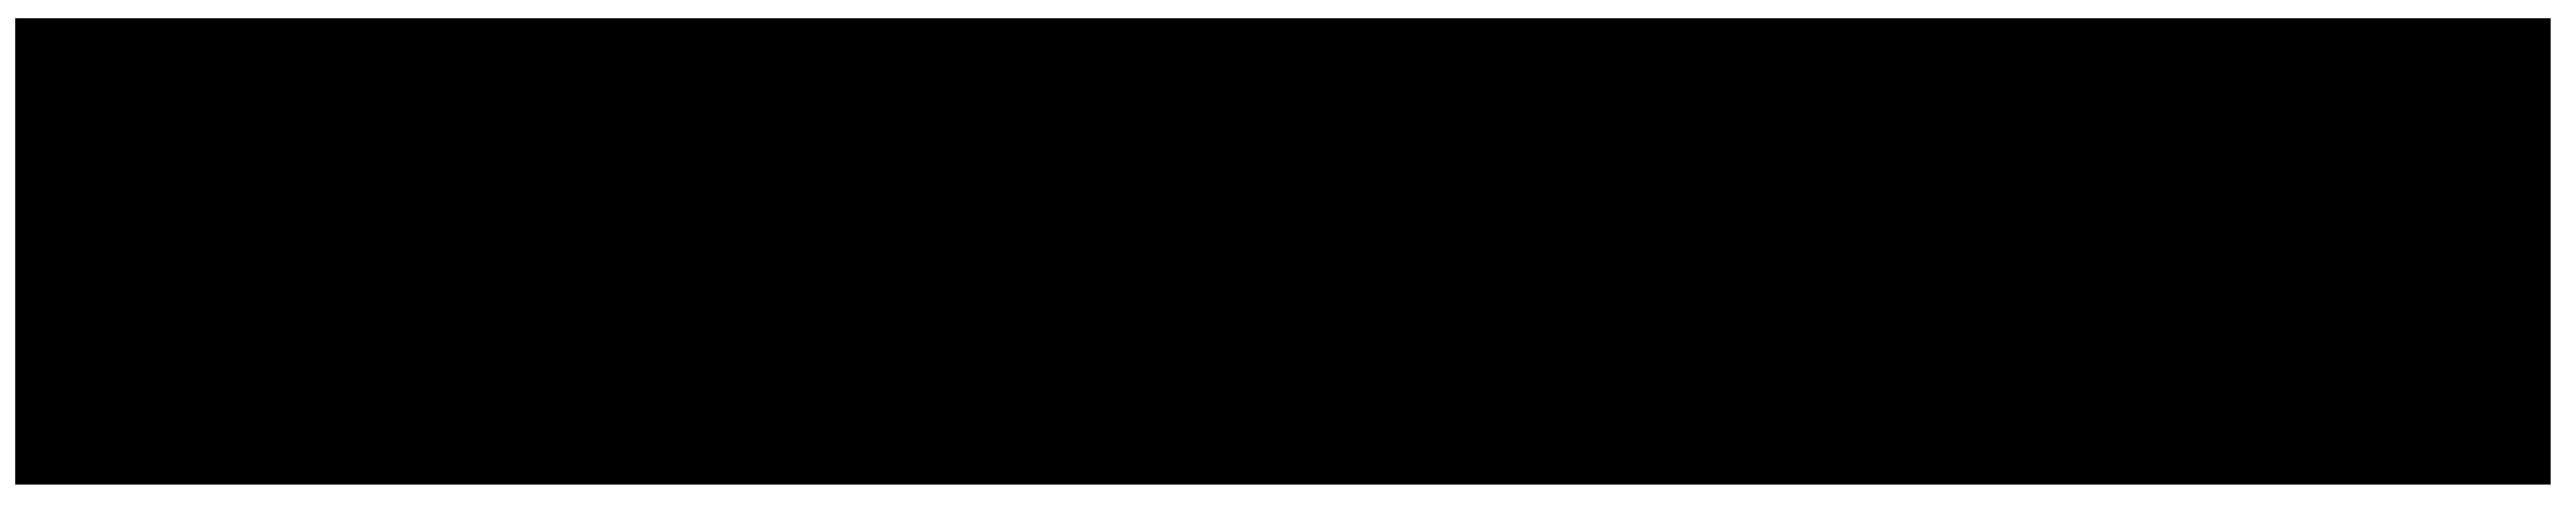 Thomas_Sabo_logo-1.png